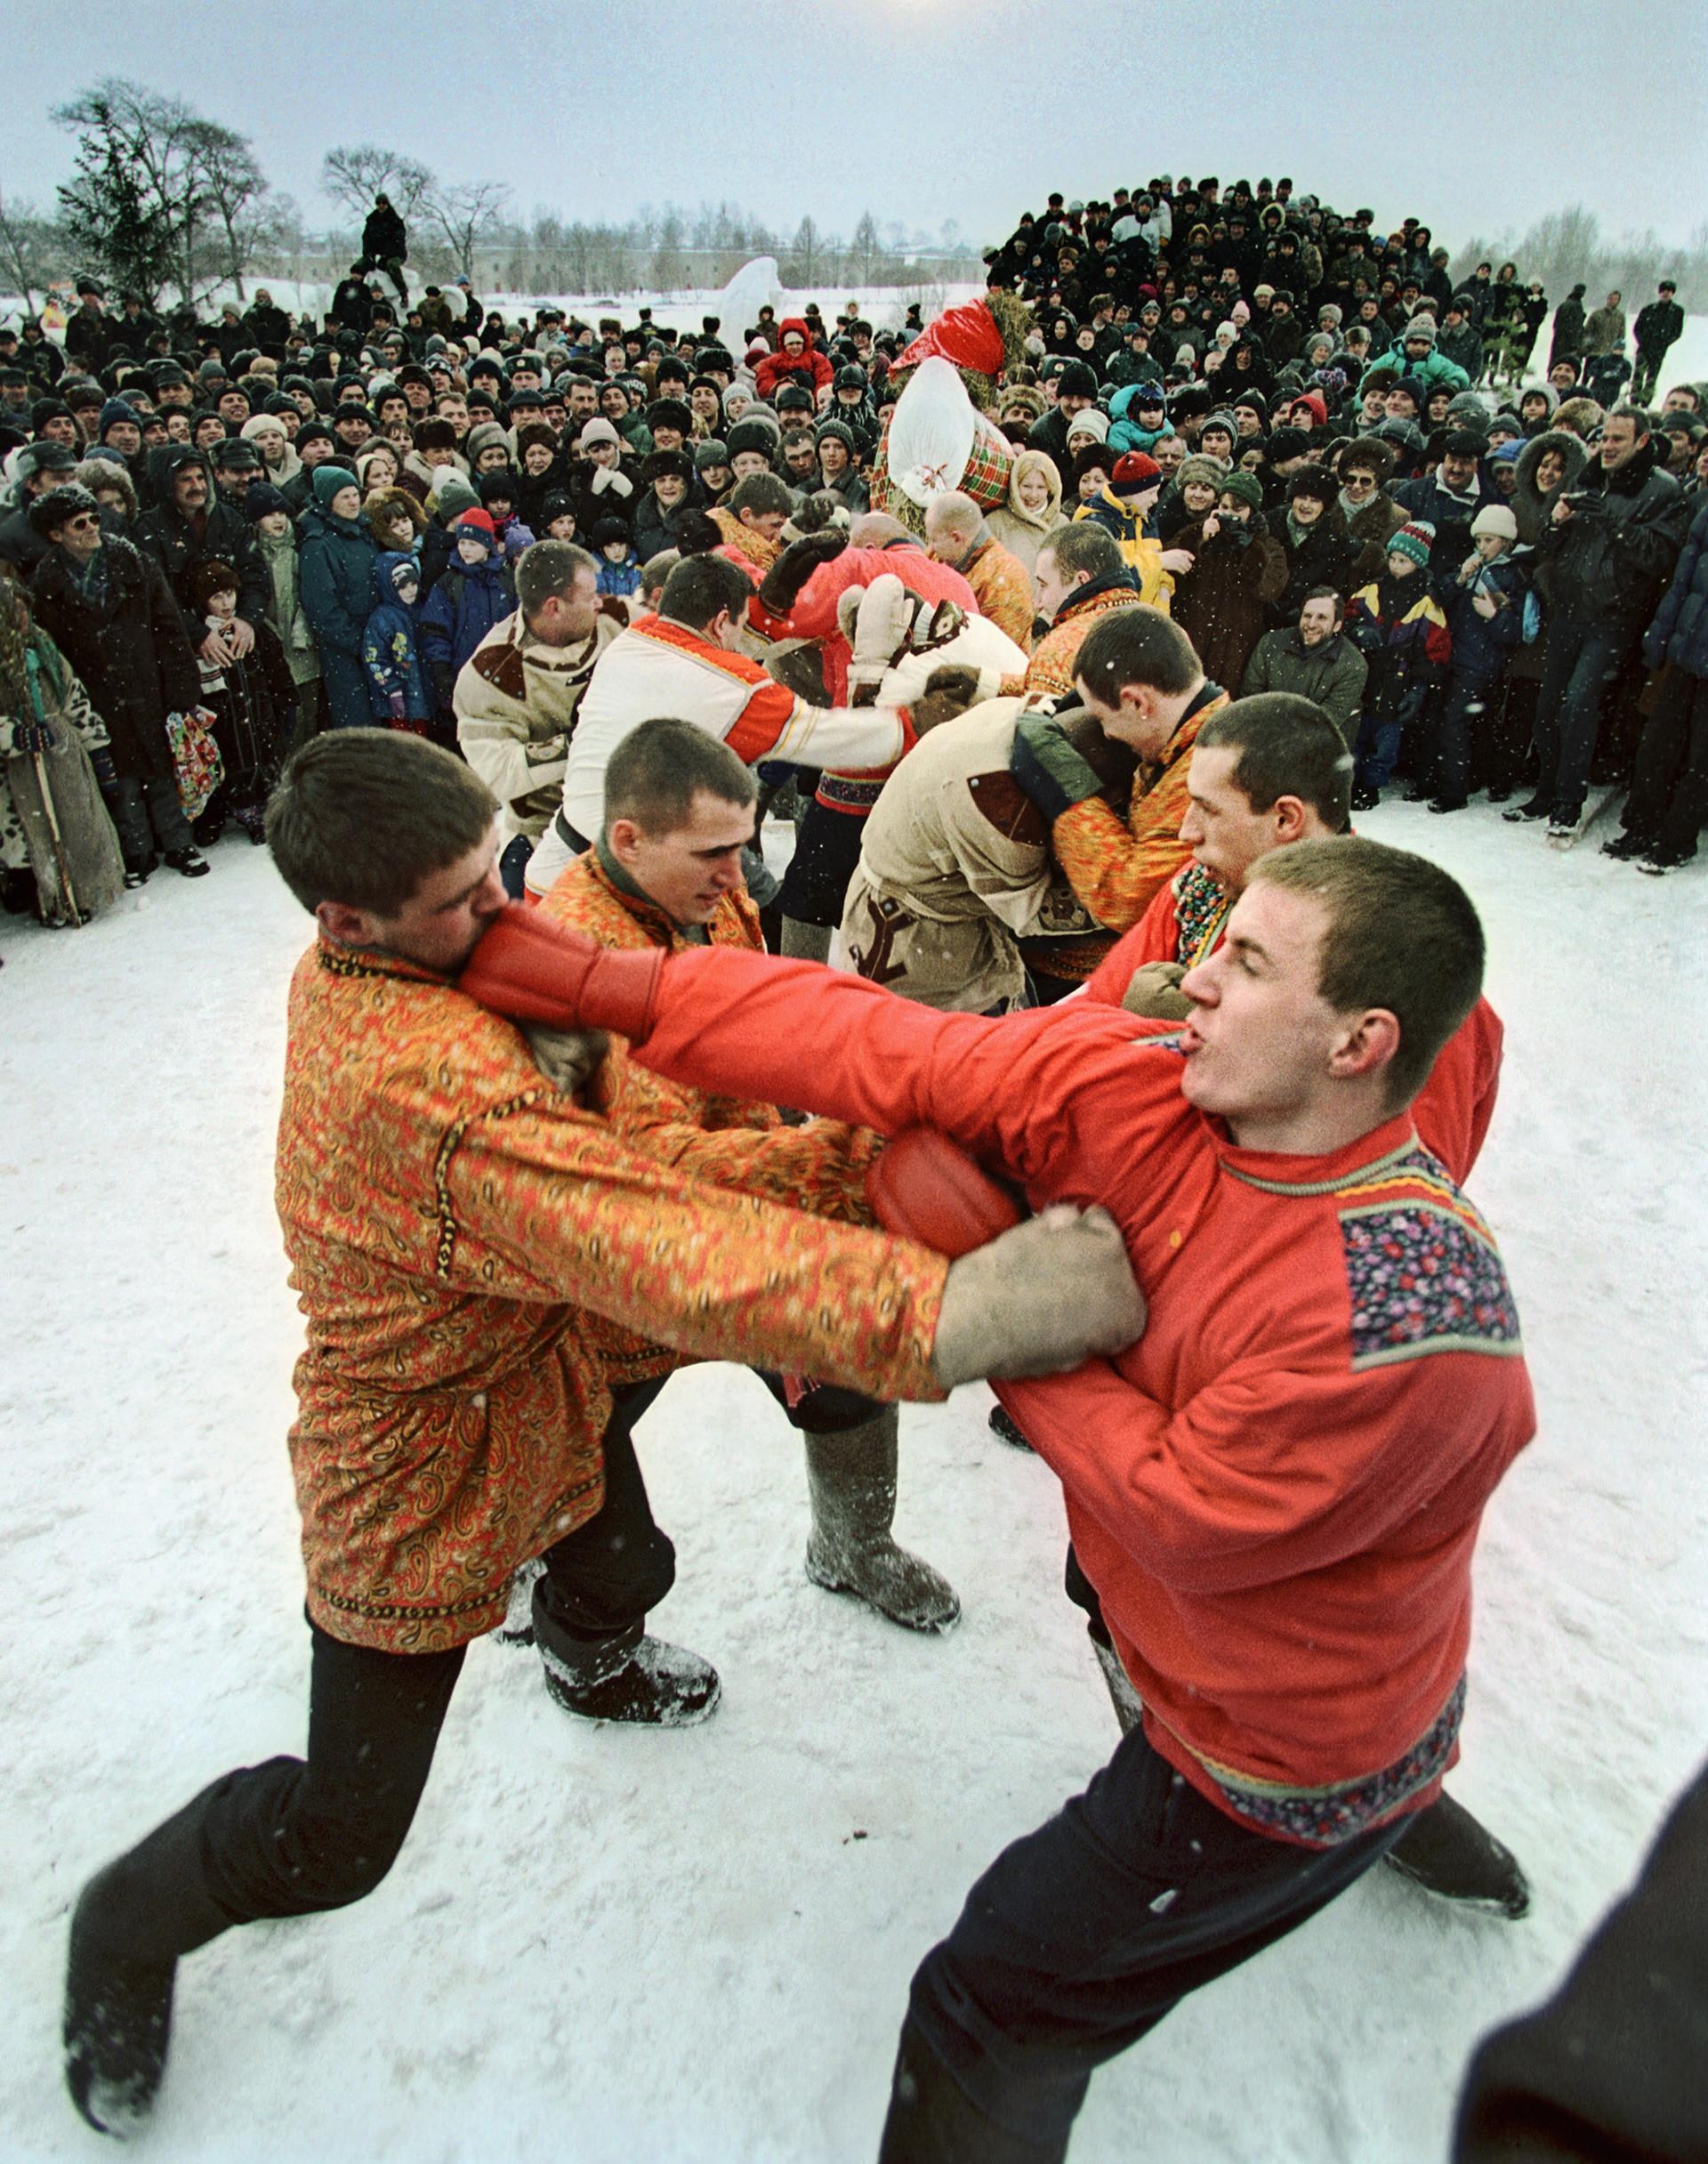 マースレニツァ(「バター祭り」)の拳闘、スーズダリ市